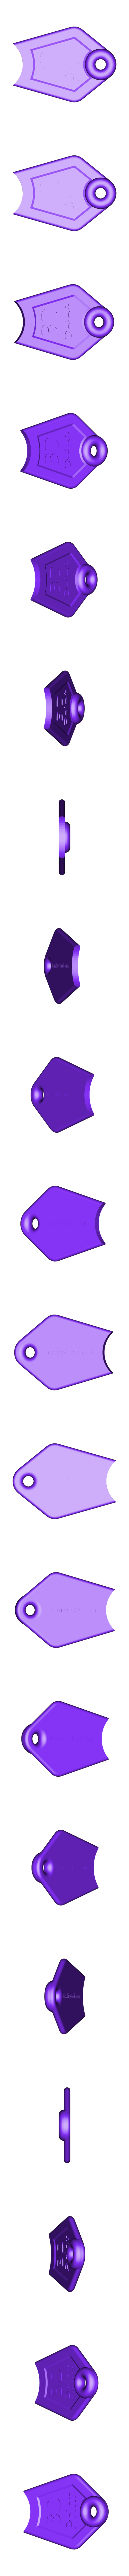 Shopping_Cart_Token__no_coin_blank_.stl Télécharger fichier STL gratuit Shopping Cart Token • Modèle à imprimer en 3D, CreativeTools